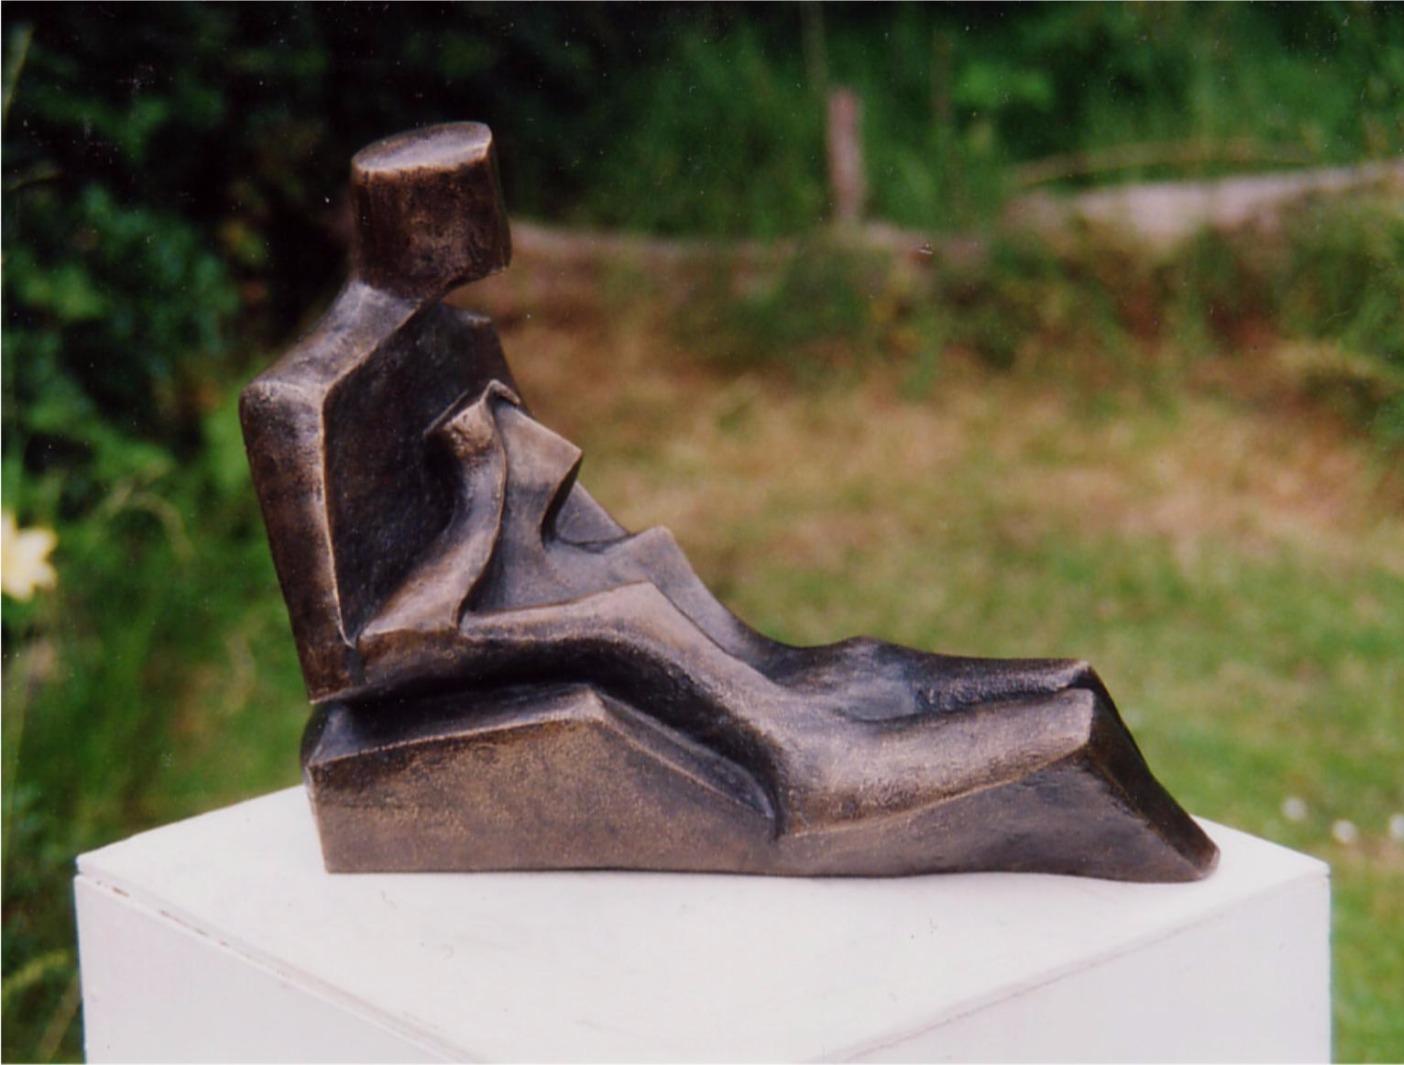 After Langdale bronze